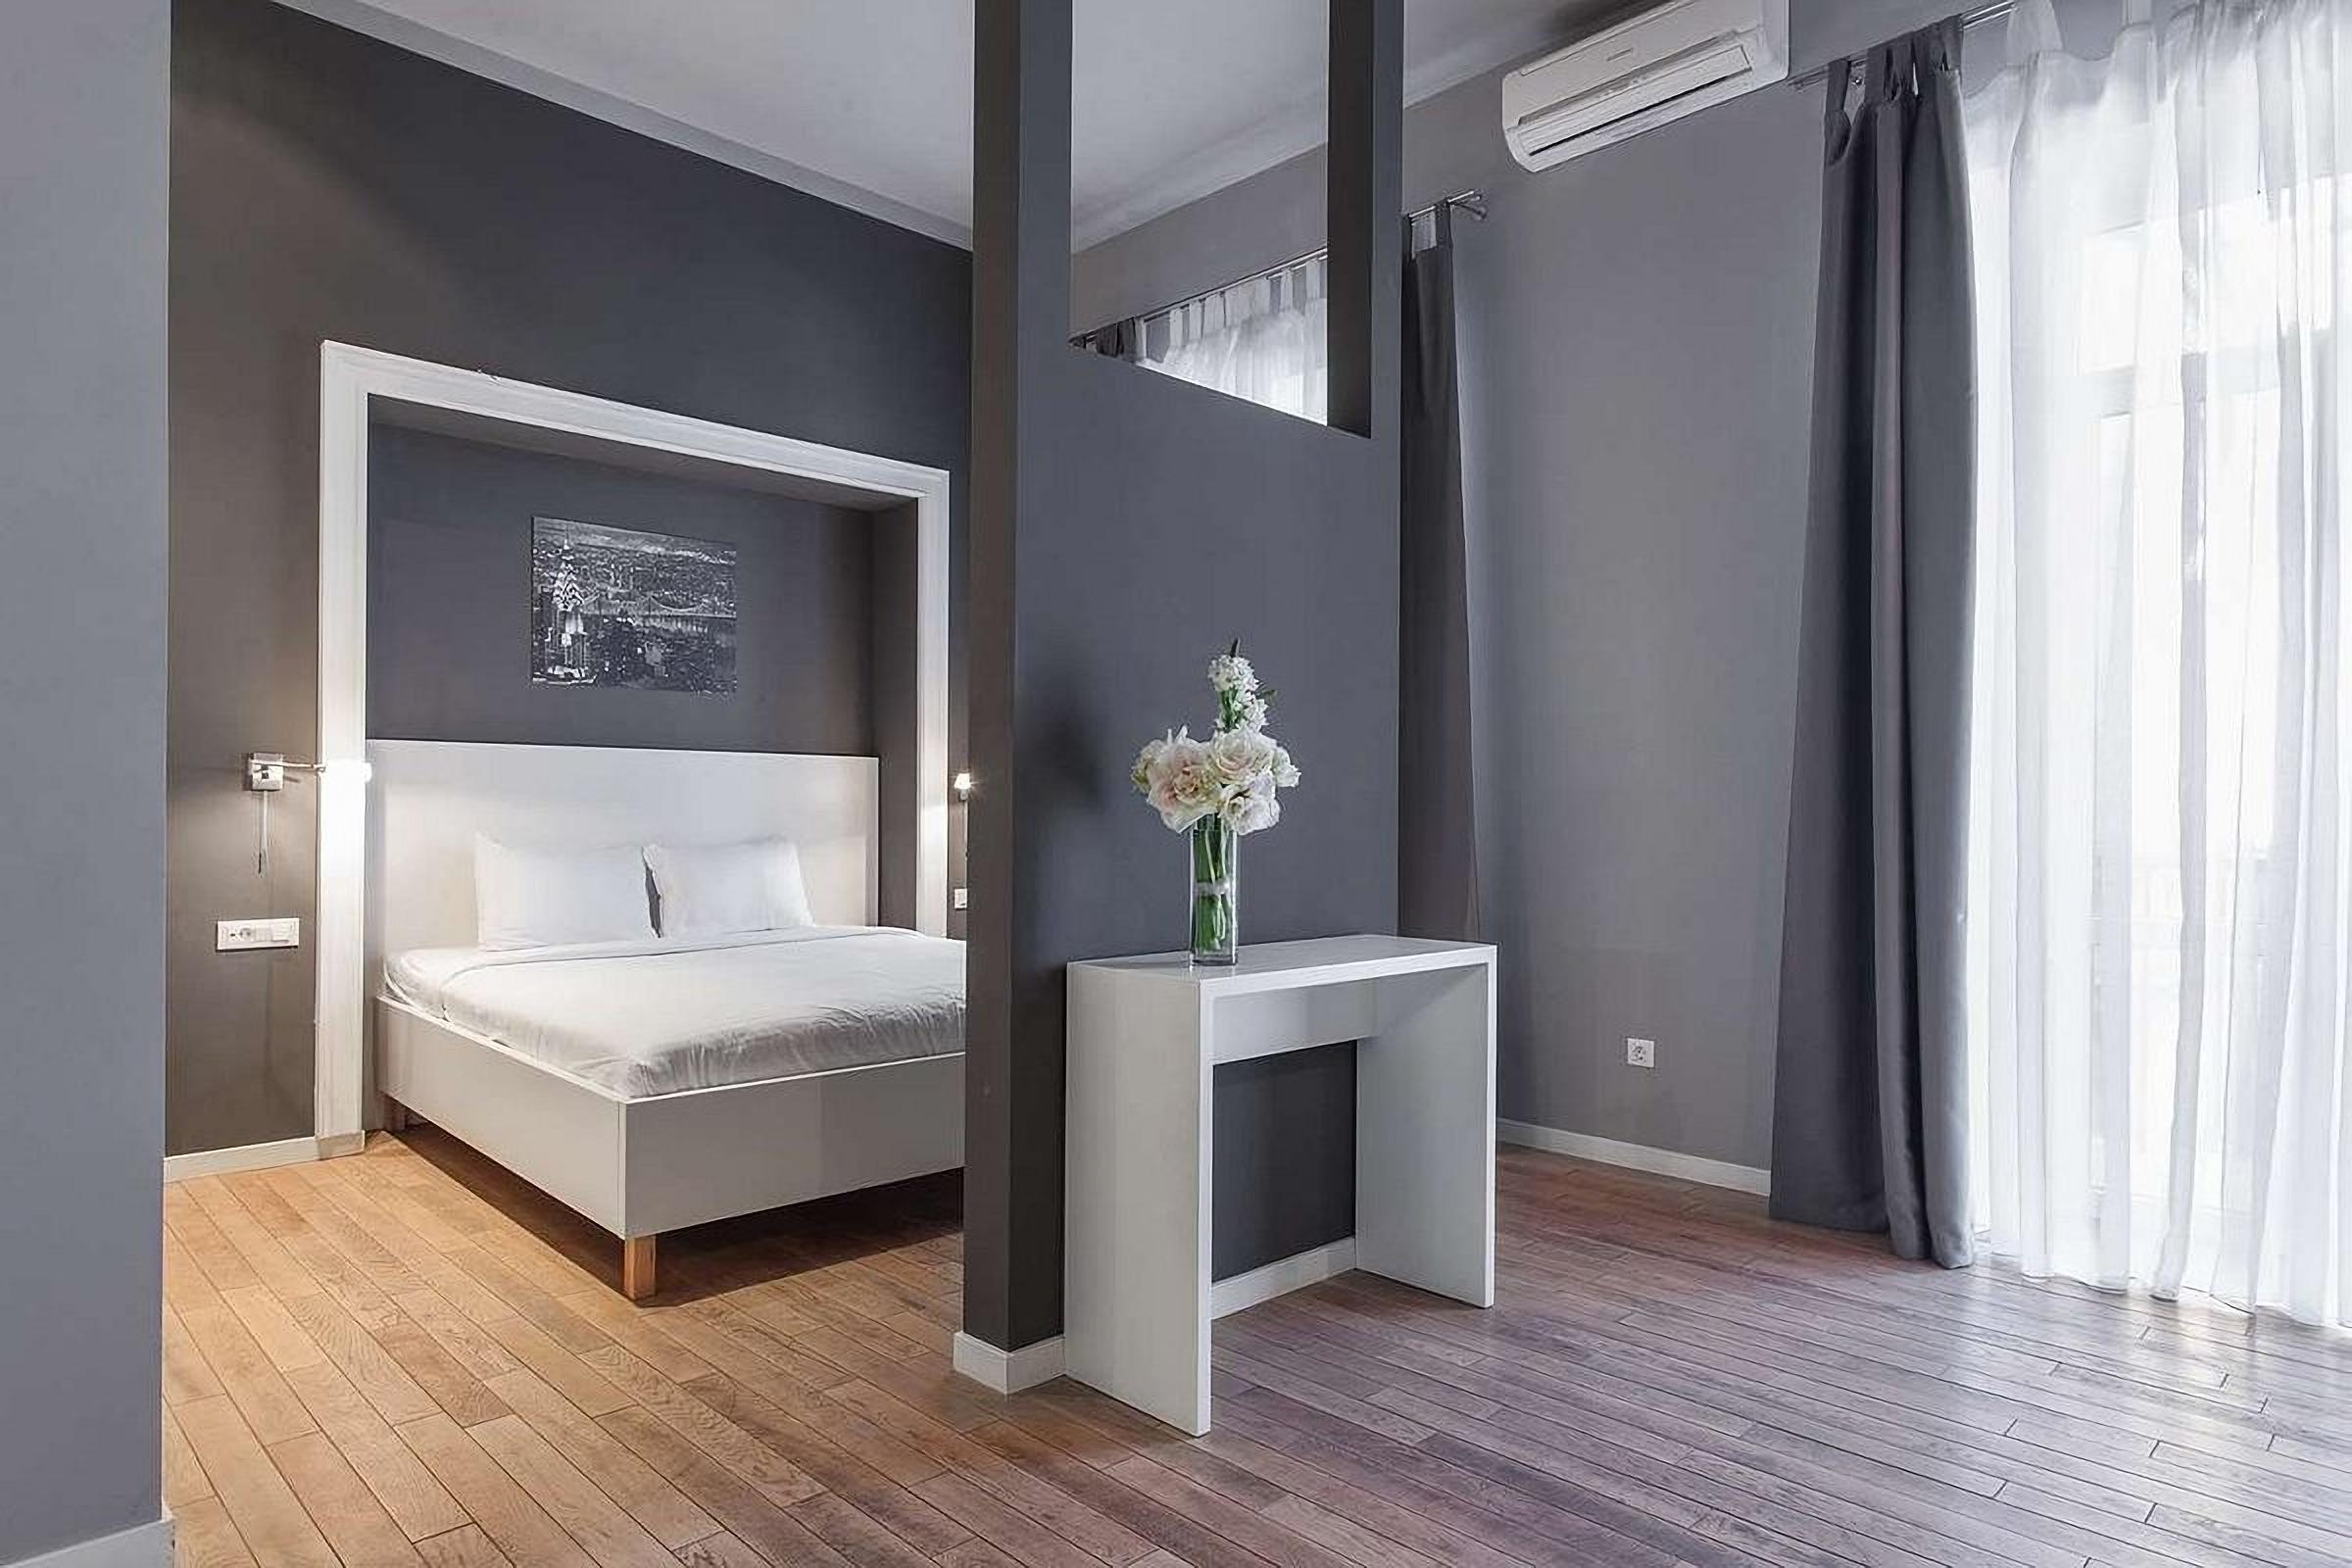 UNO Design Hotel Odessa Ukraine modern hotel room